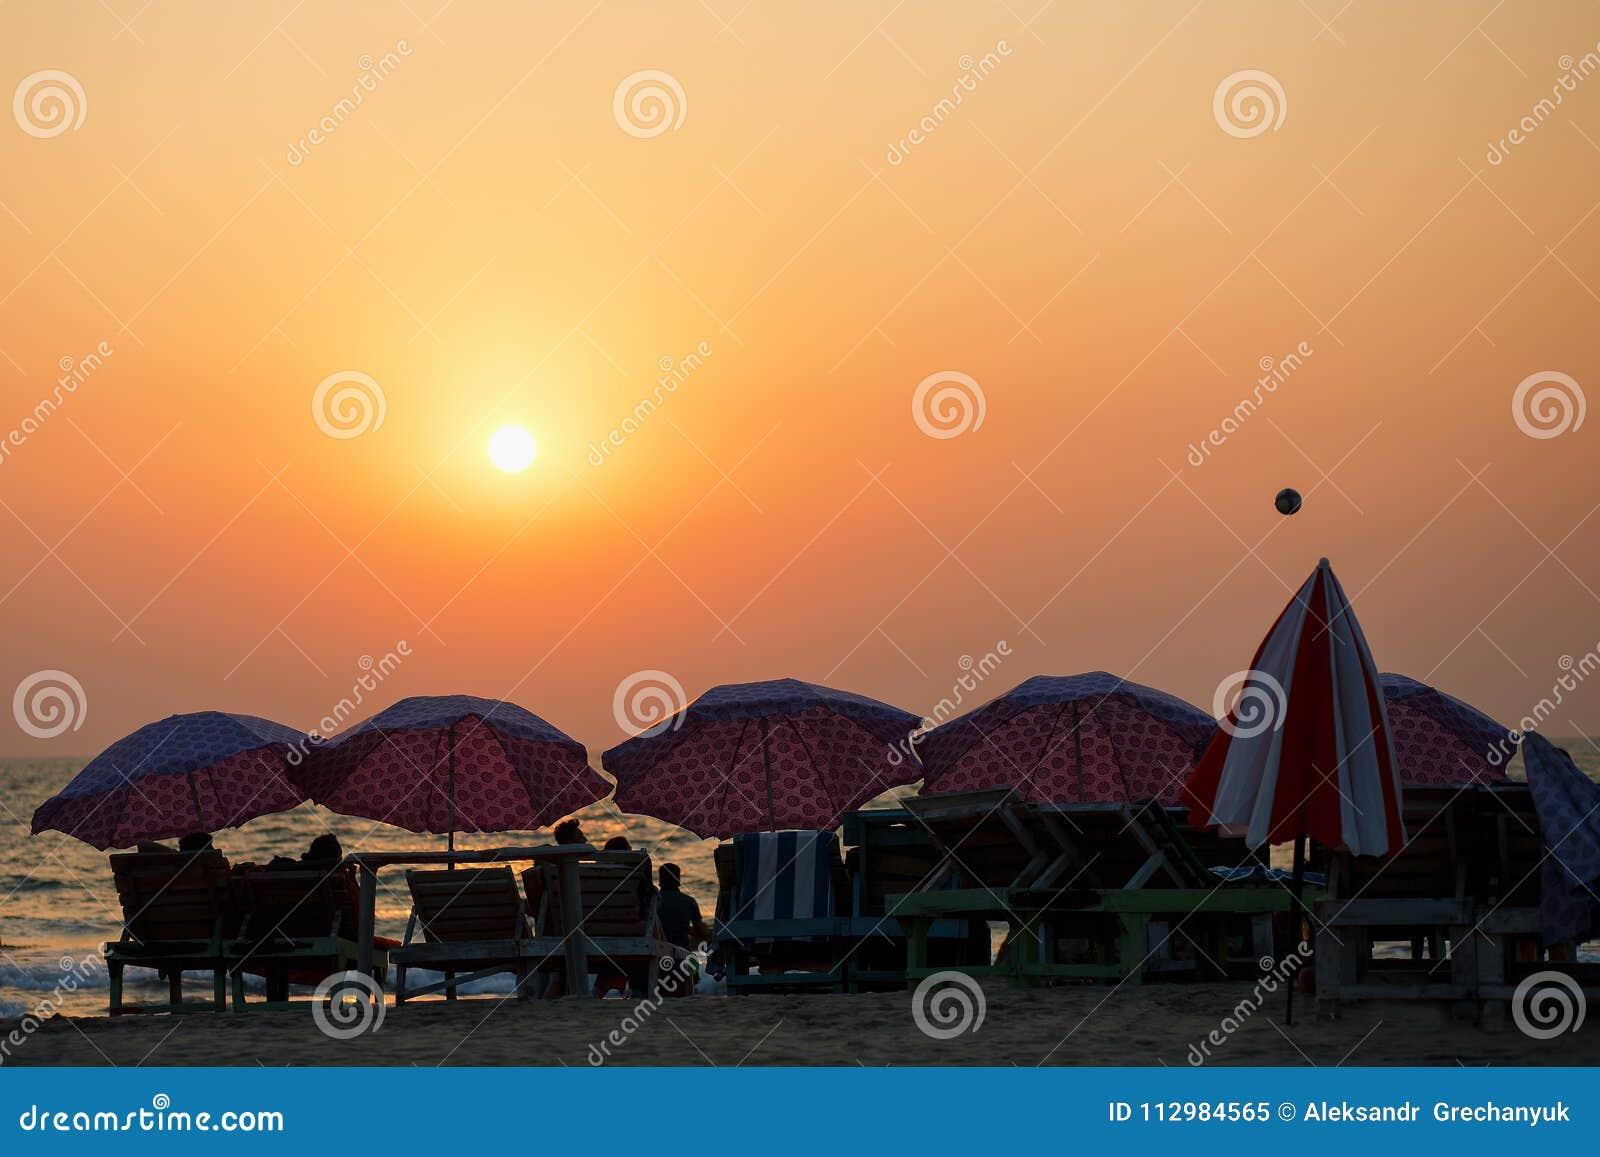 Sunset at the beach at koh chang,